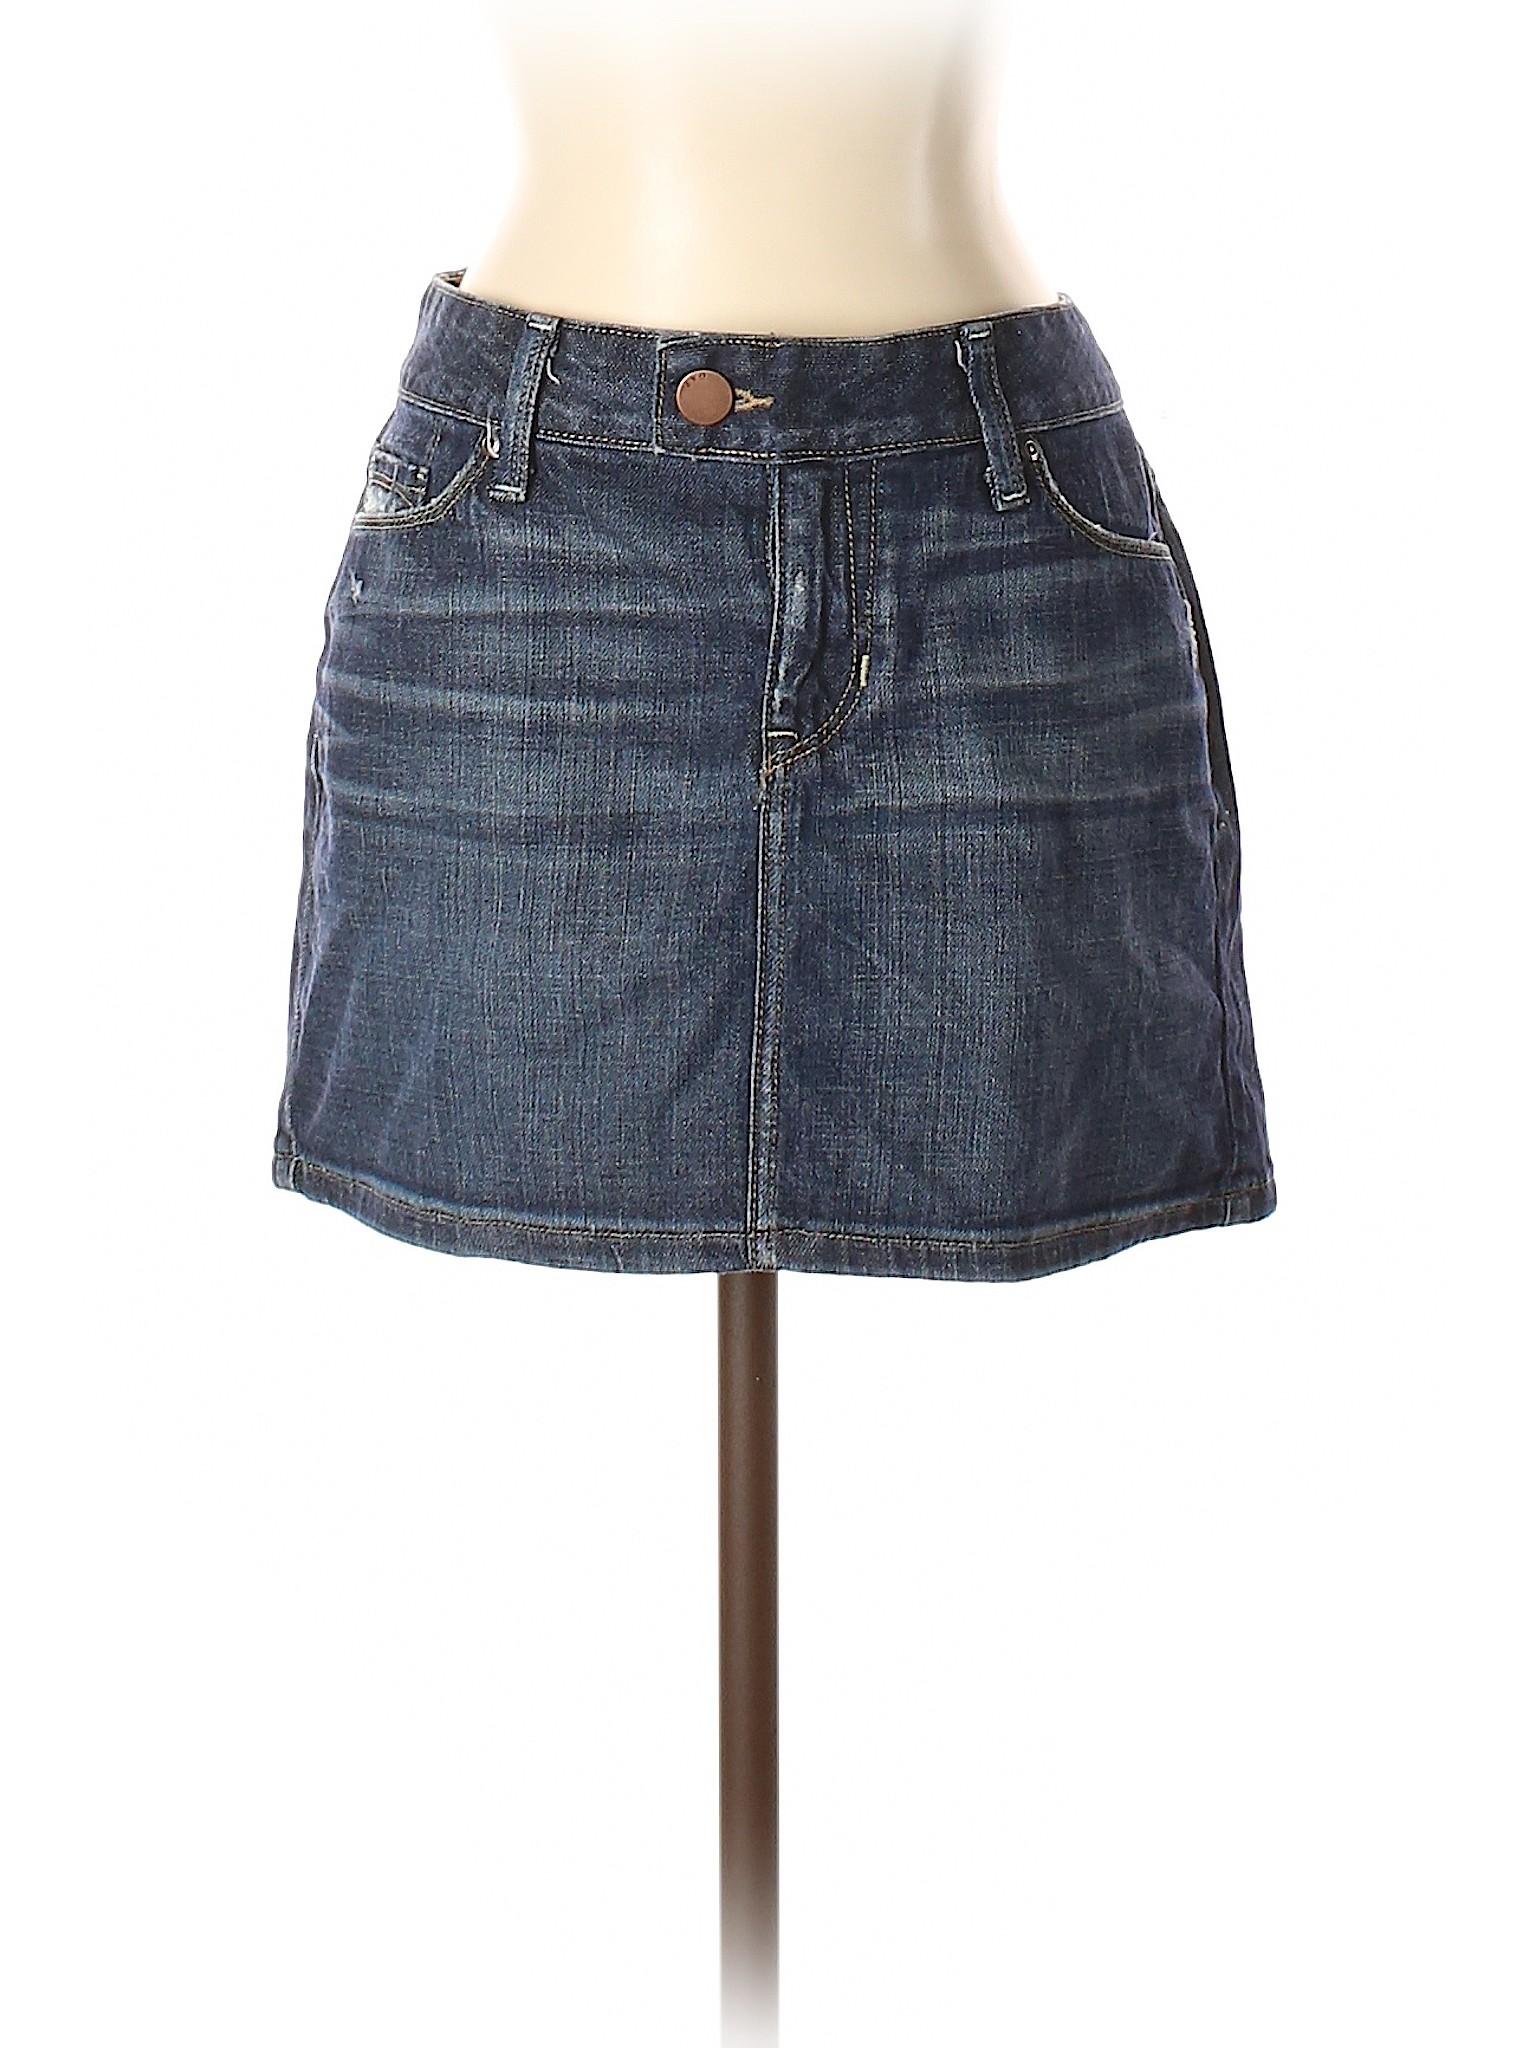 Boutique Edition leisure Denim Skirt Limited RpRnrxq